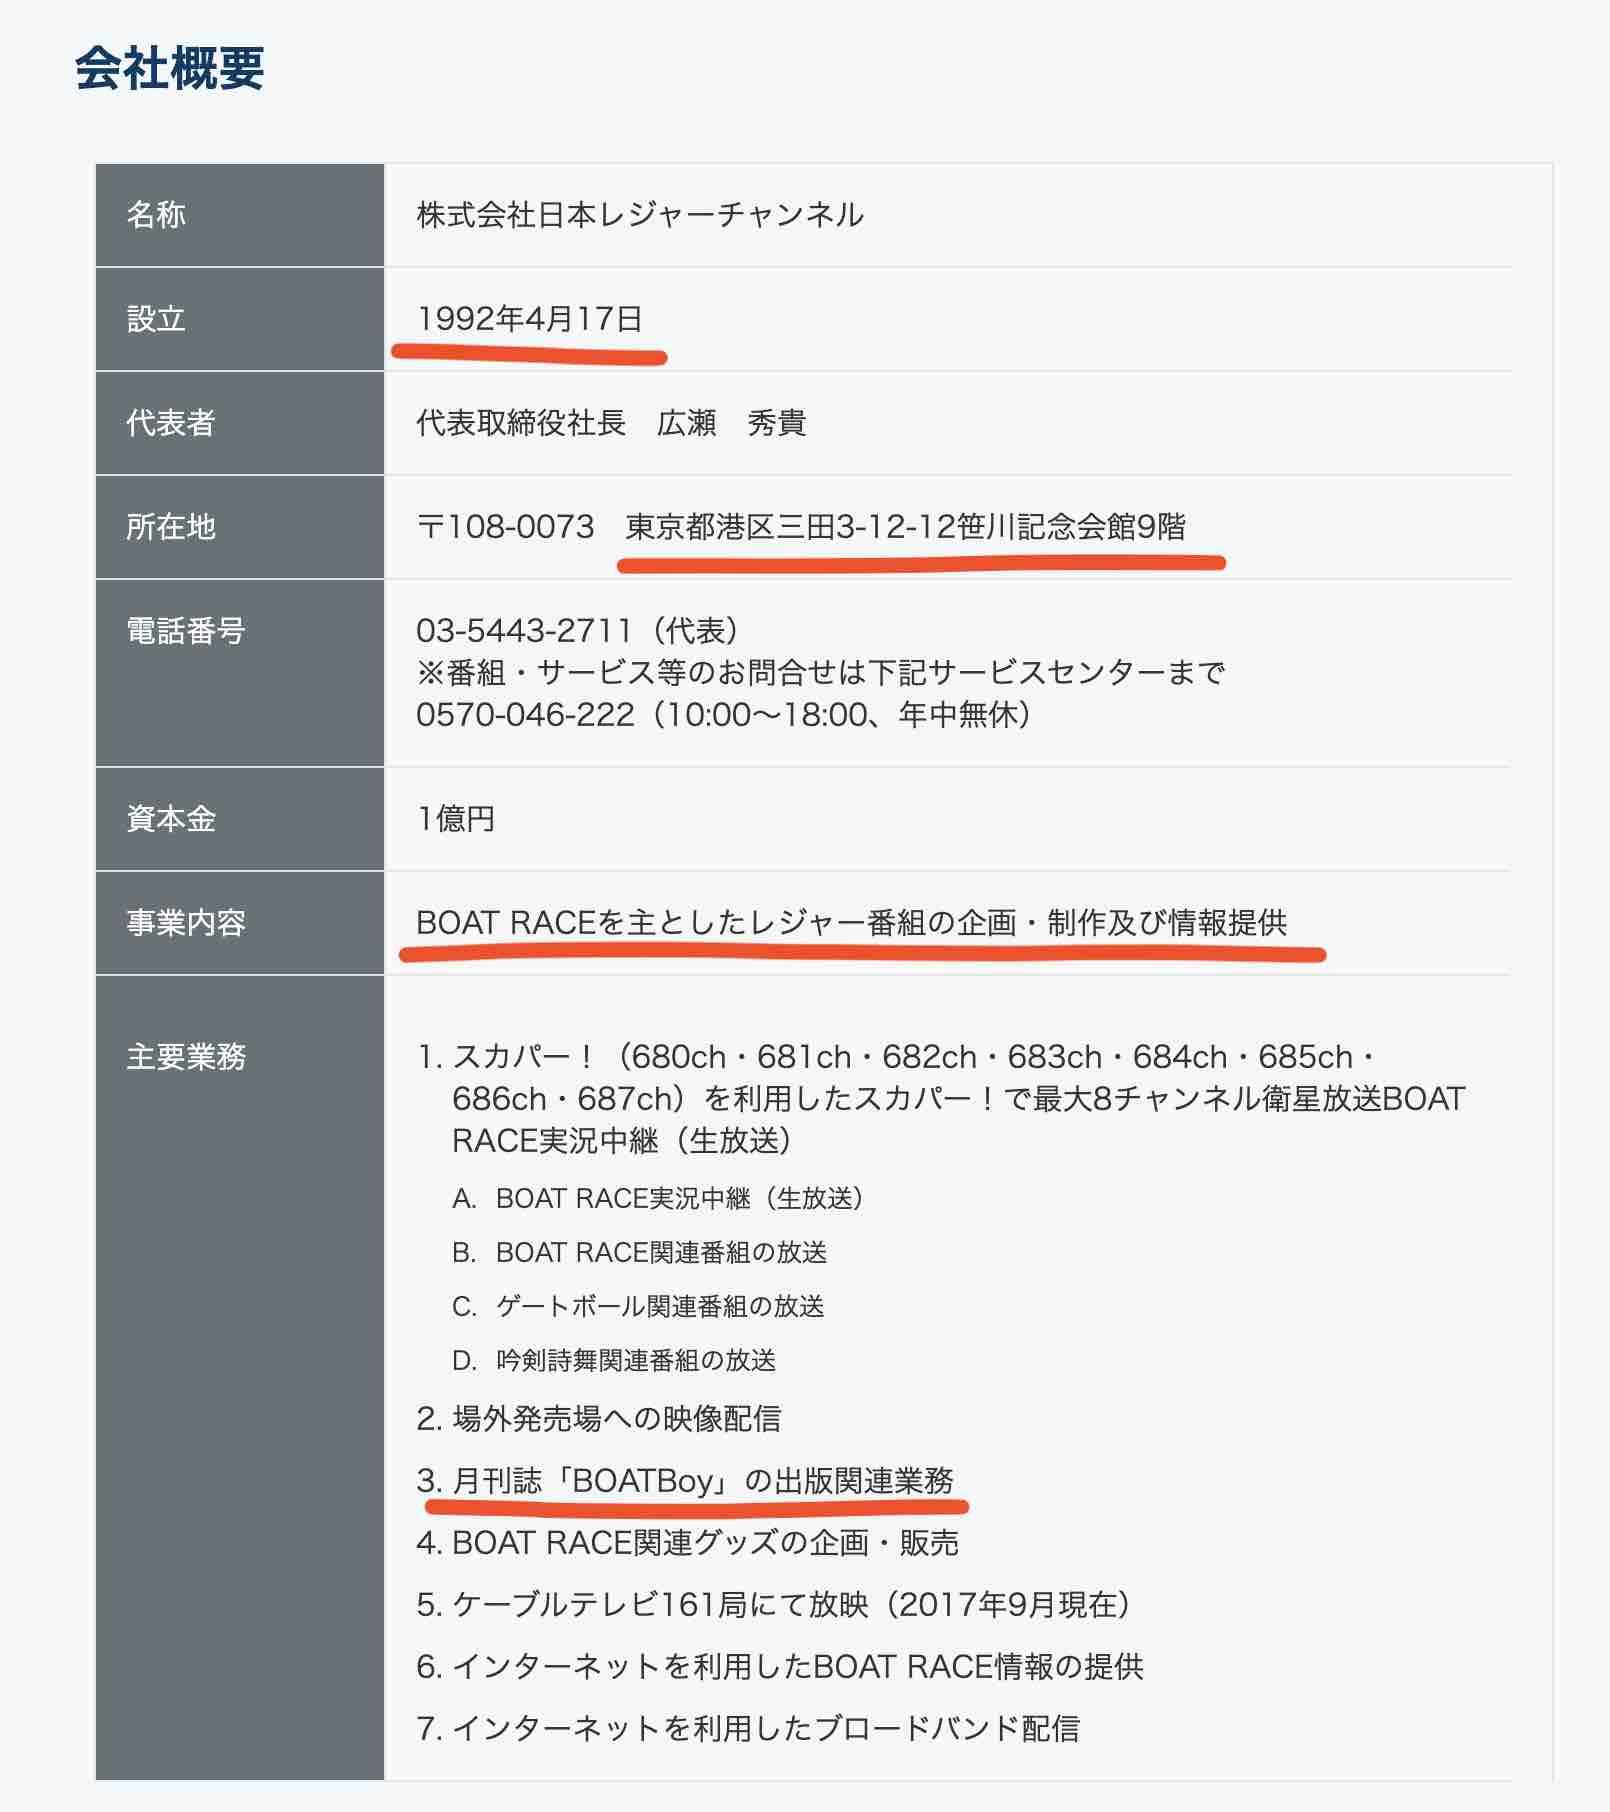 競艇専門チャンネル、日本レジャーチャンネル(JLC)の運営社